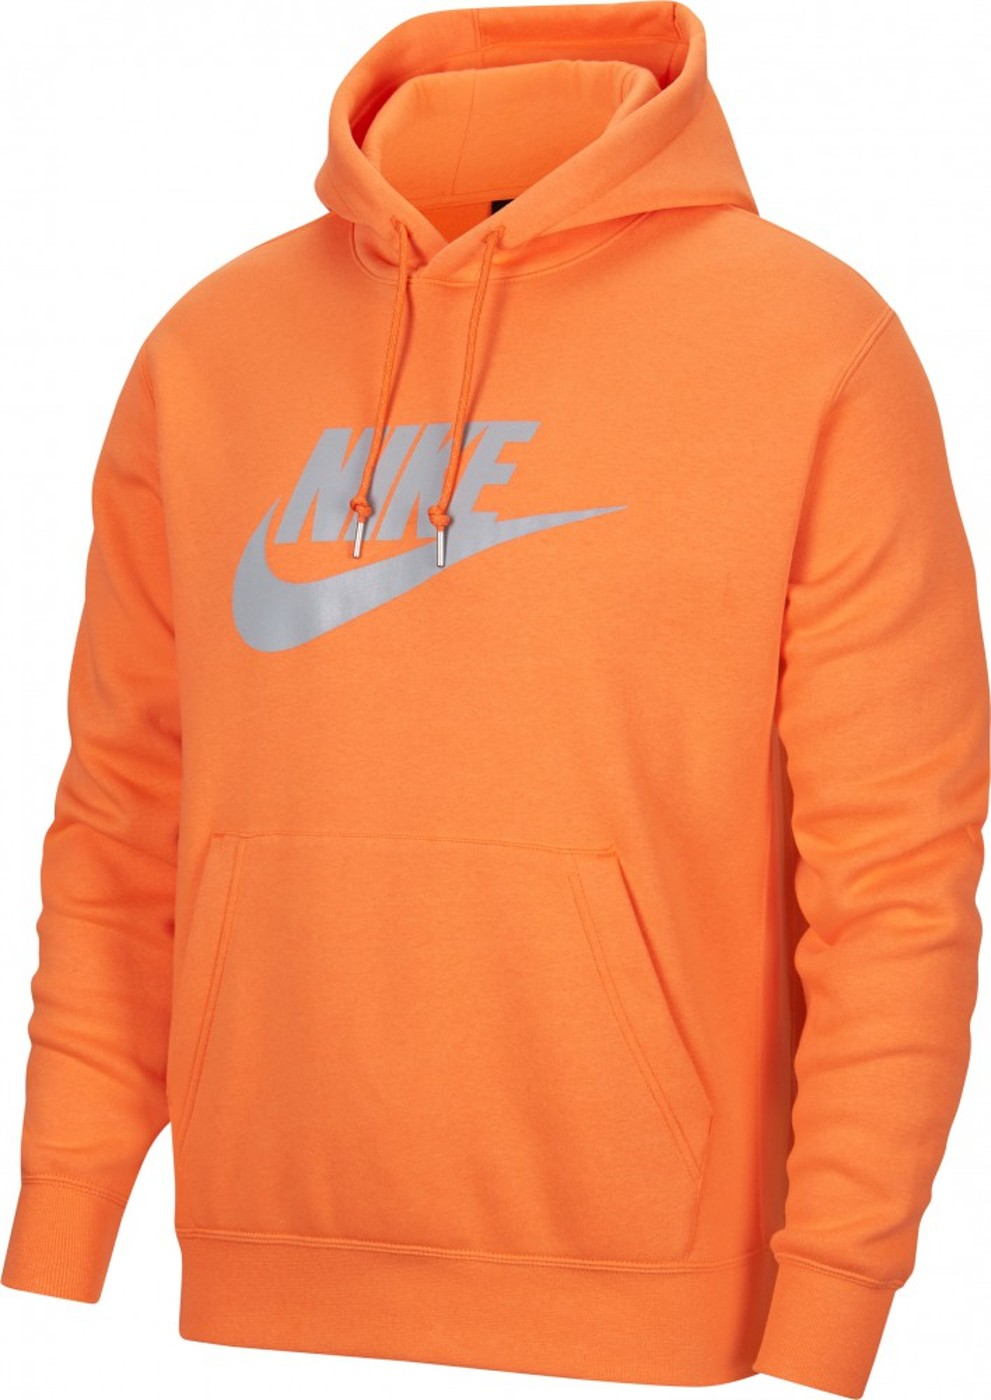 Nike Sportswear Pullover - Herren